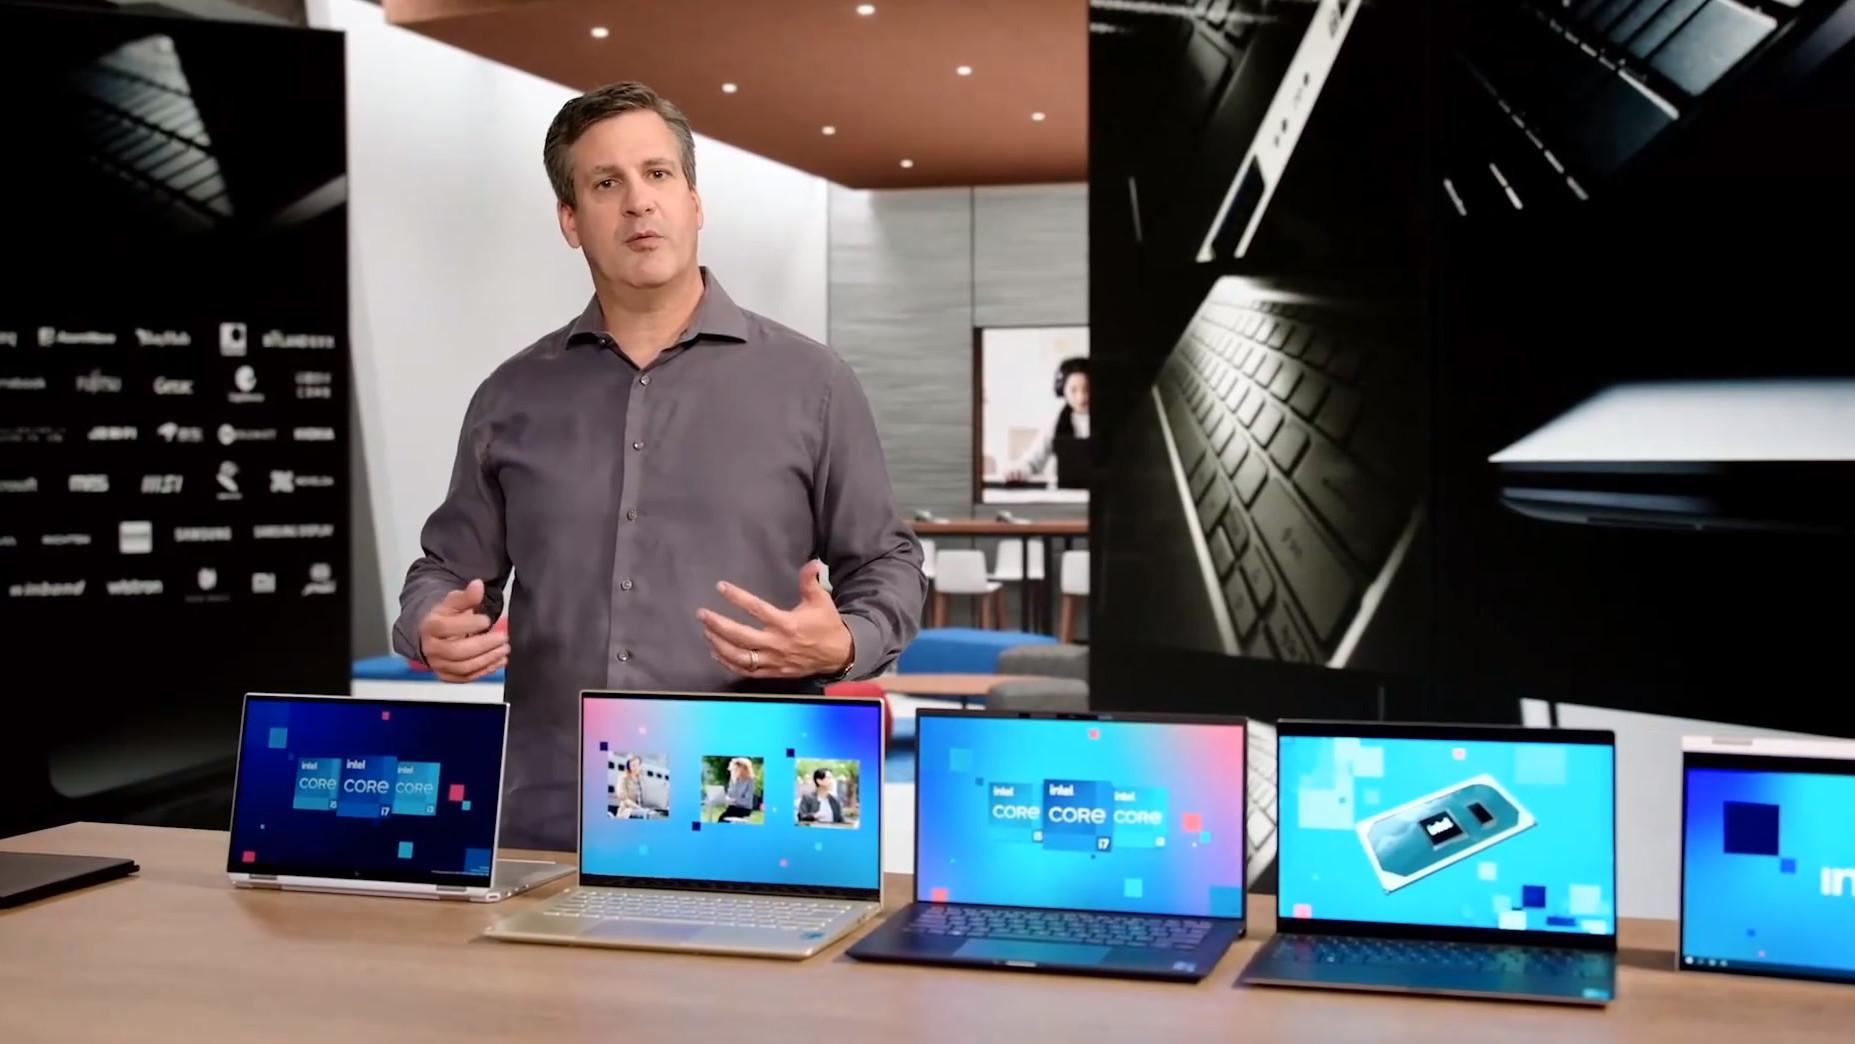 Novas CPUs móveis da Intel de 11ª geração estarão em laptops mais leves e com boa duração de bateria com placa integrada Intel Xe. Crédito: Intel